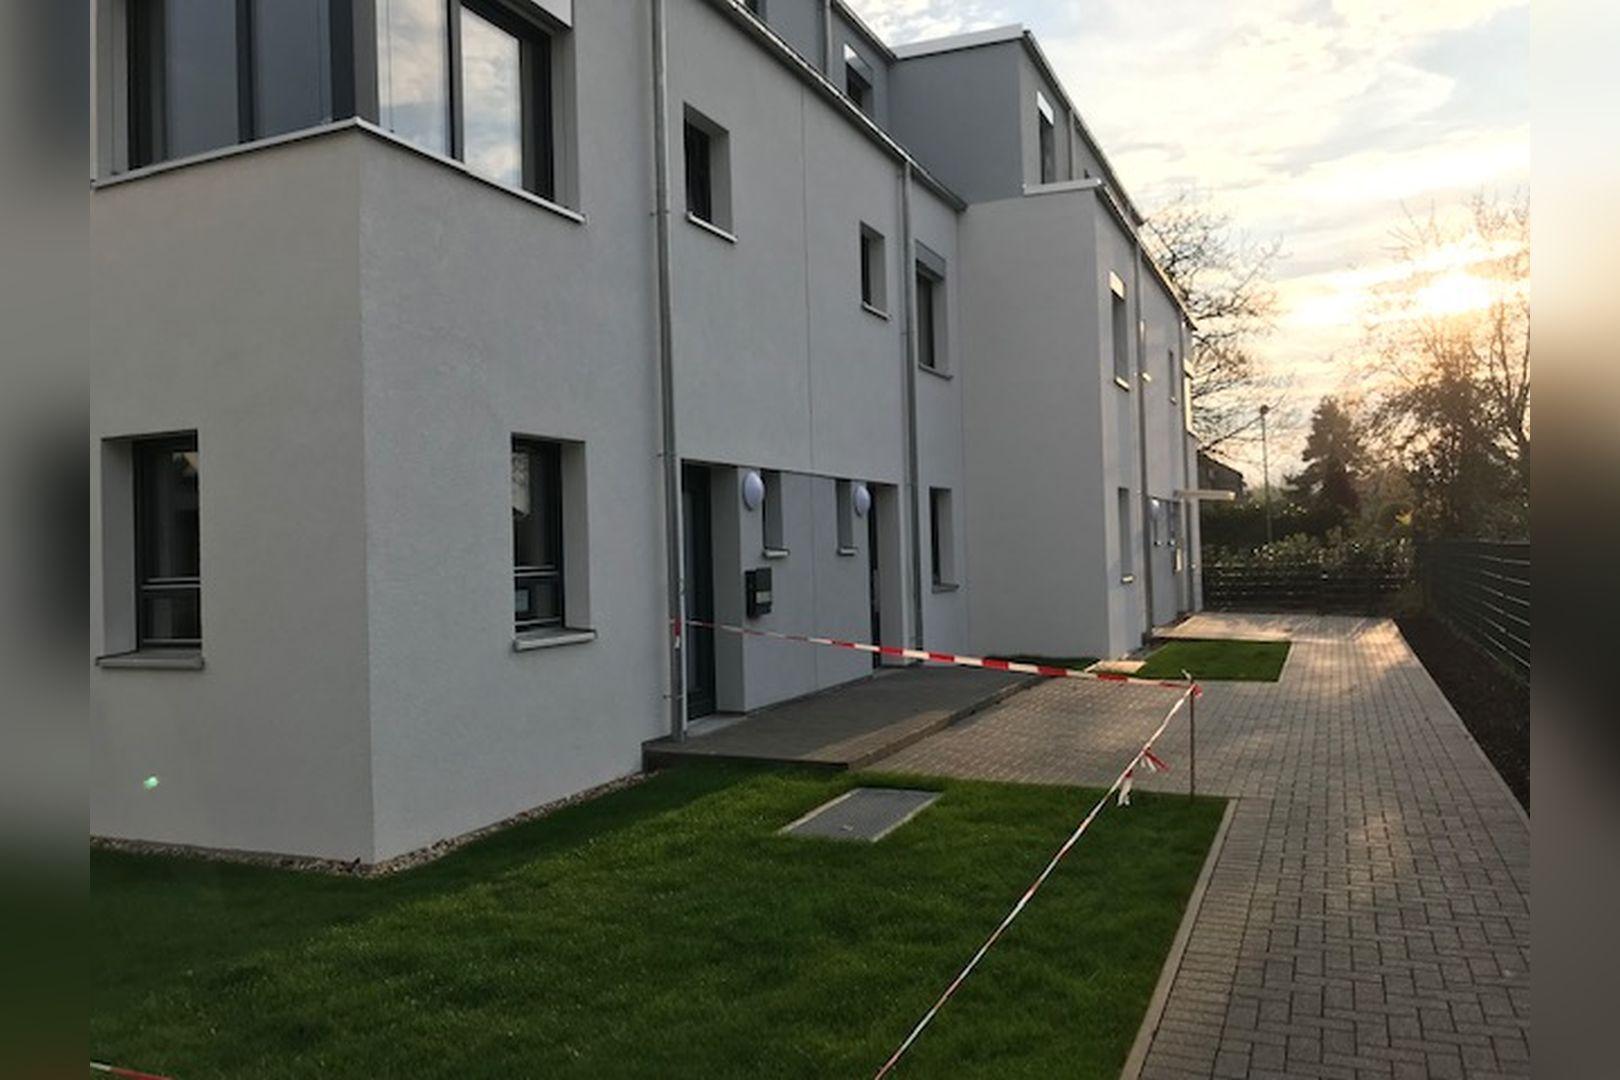 Immobilie Nr.BÖ-01.1 - BÖ-01.1; Maisonette Wohnung über EG und Sout., Garten u. Terrasse - Bild 18.jpg